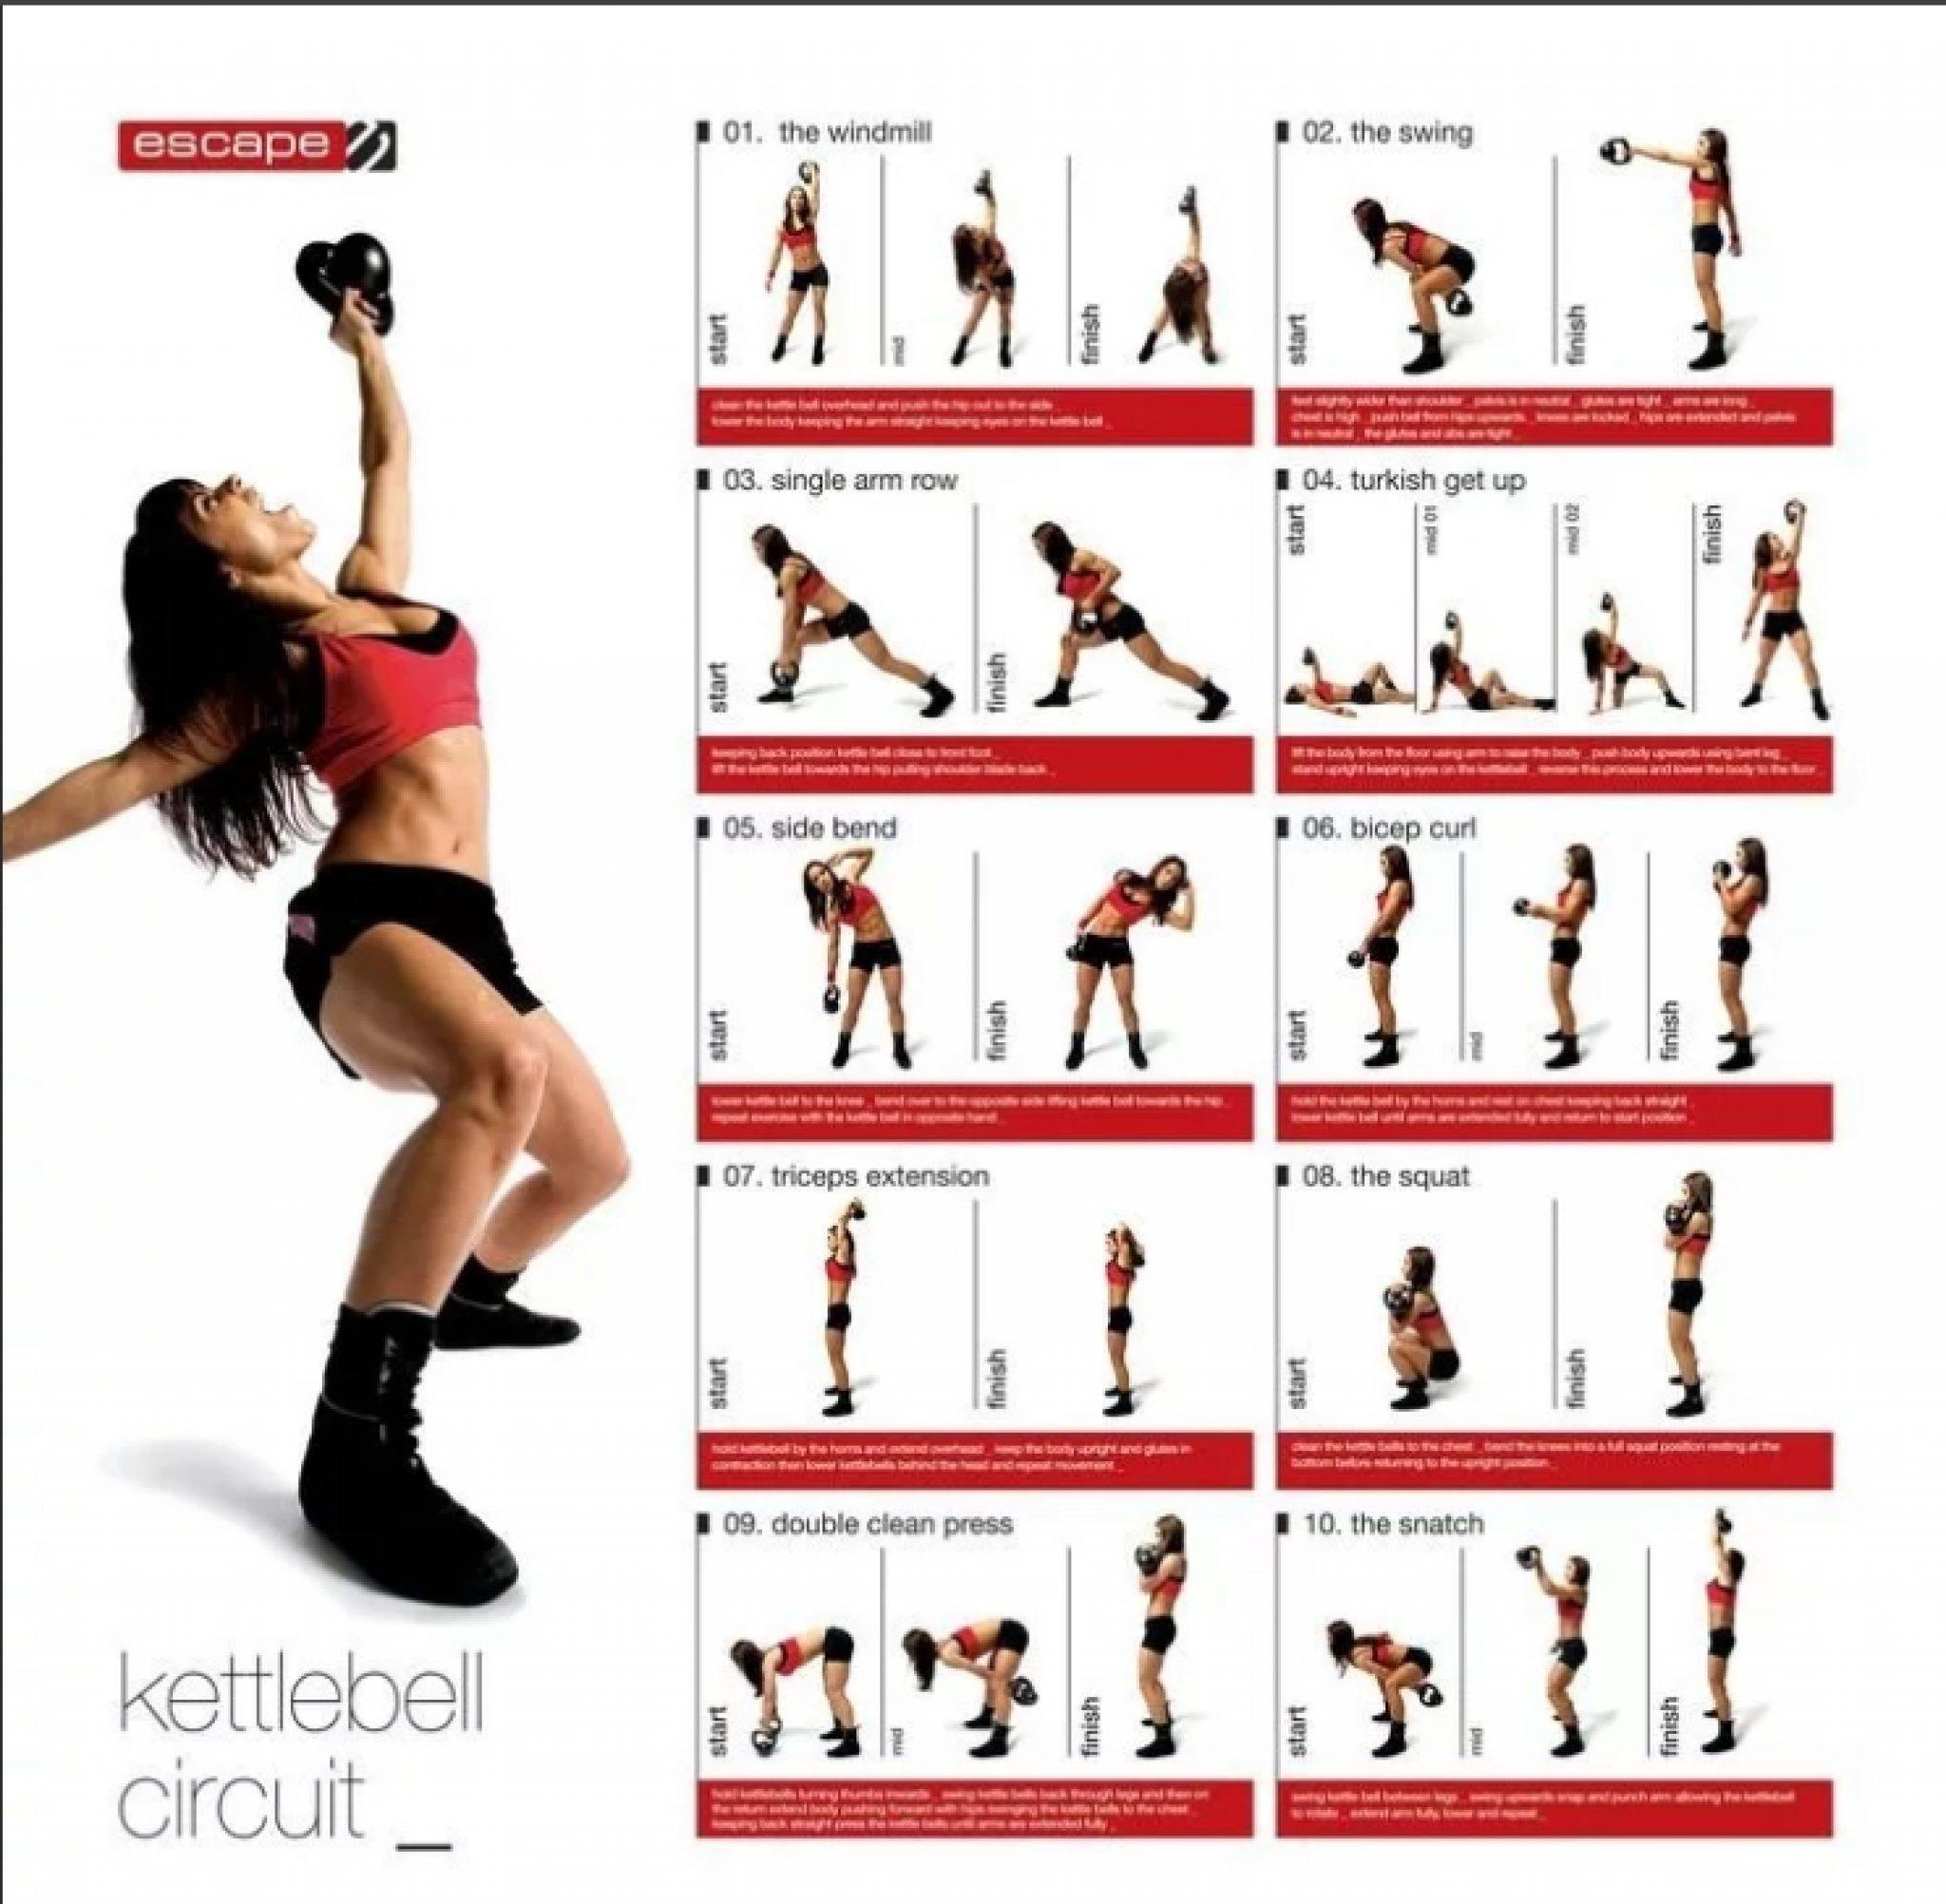 Упражнения с гантелями и без для женщин для похудения: эффективные тренировки на жиросжигани, построение комплекса нагрузок для девушек